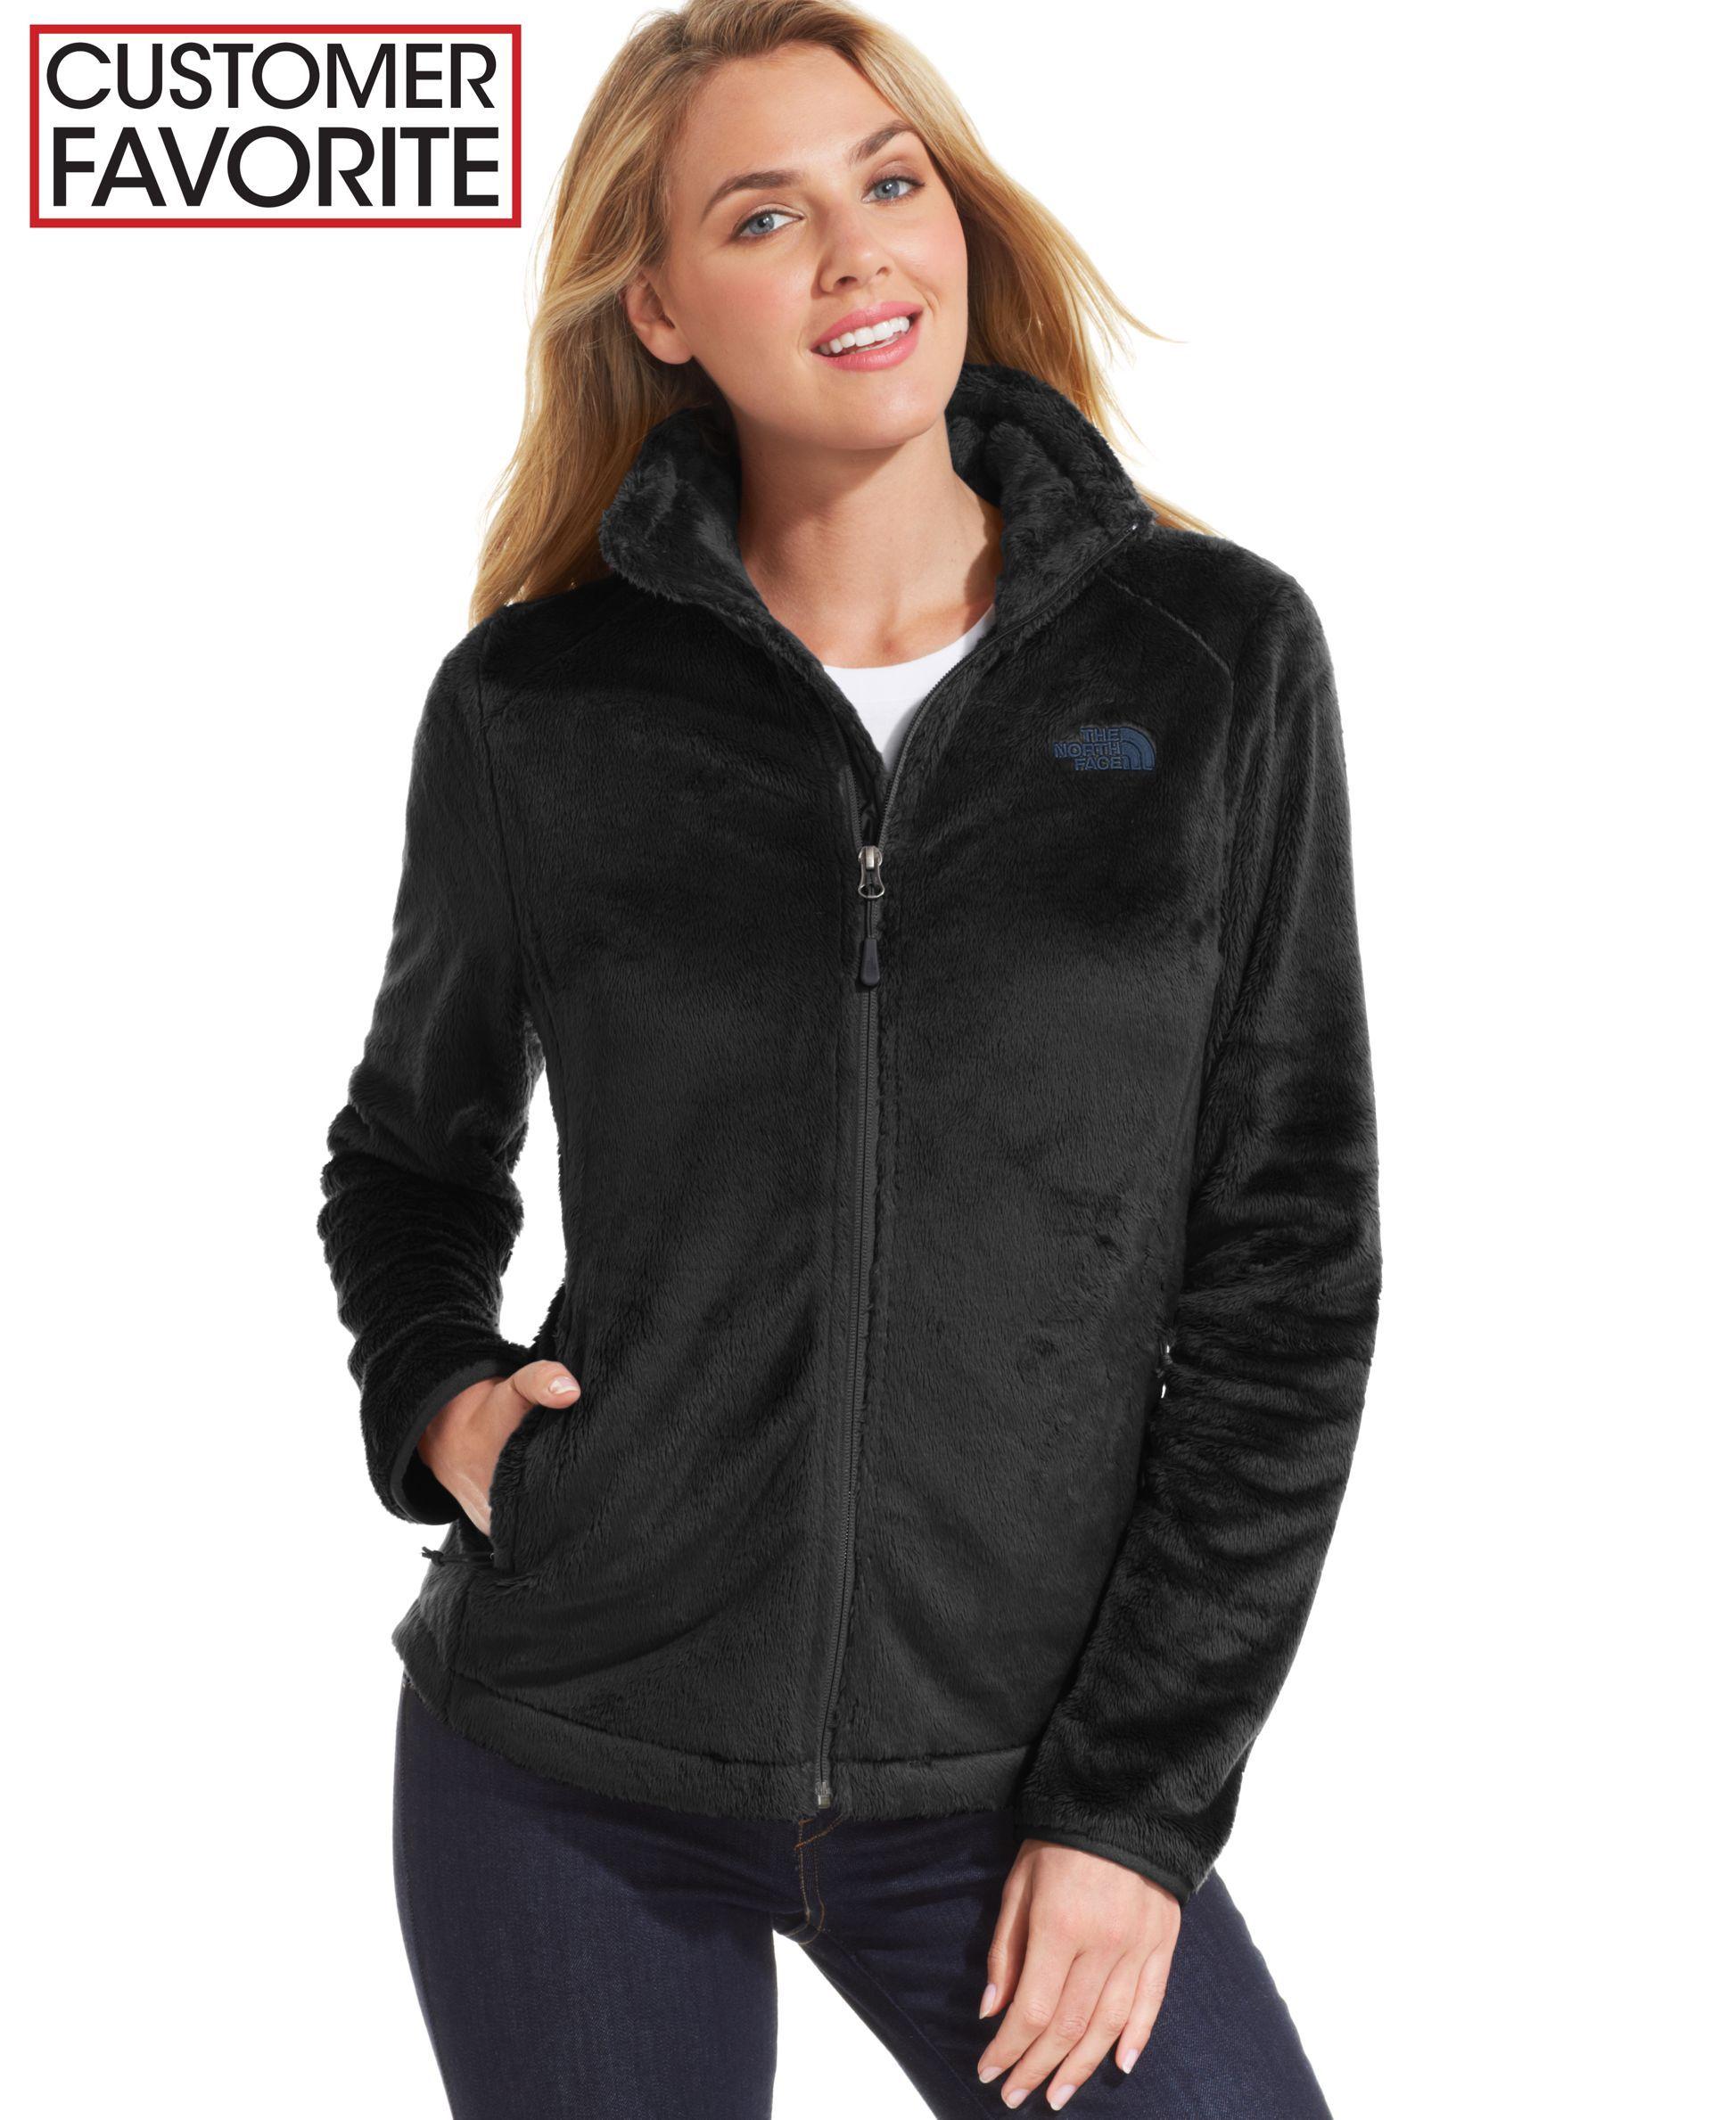 The North Face Osito 2 Fleece Jacket Jackets Blazers Women Macy S Blazer Jackets For Women Jackets Fleece Jacket [ 2378 x 1947 Pixel ]